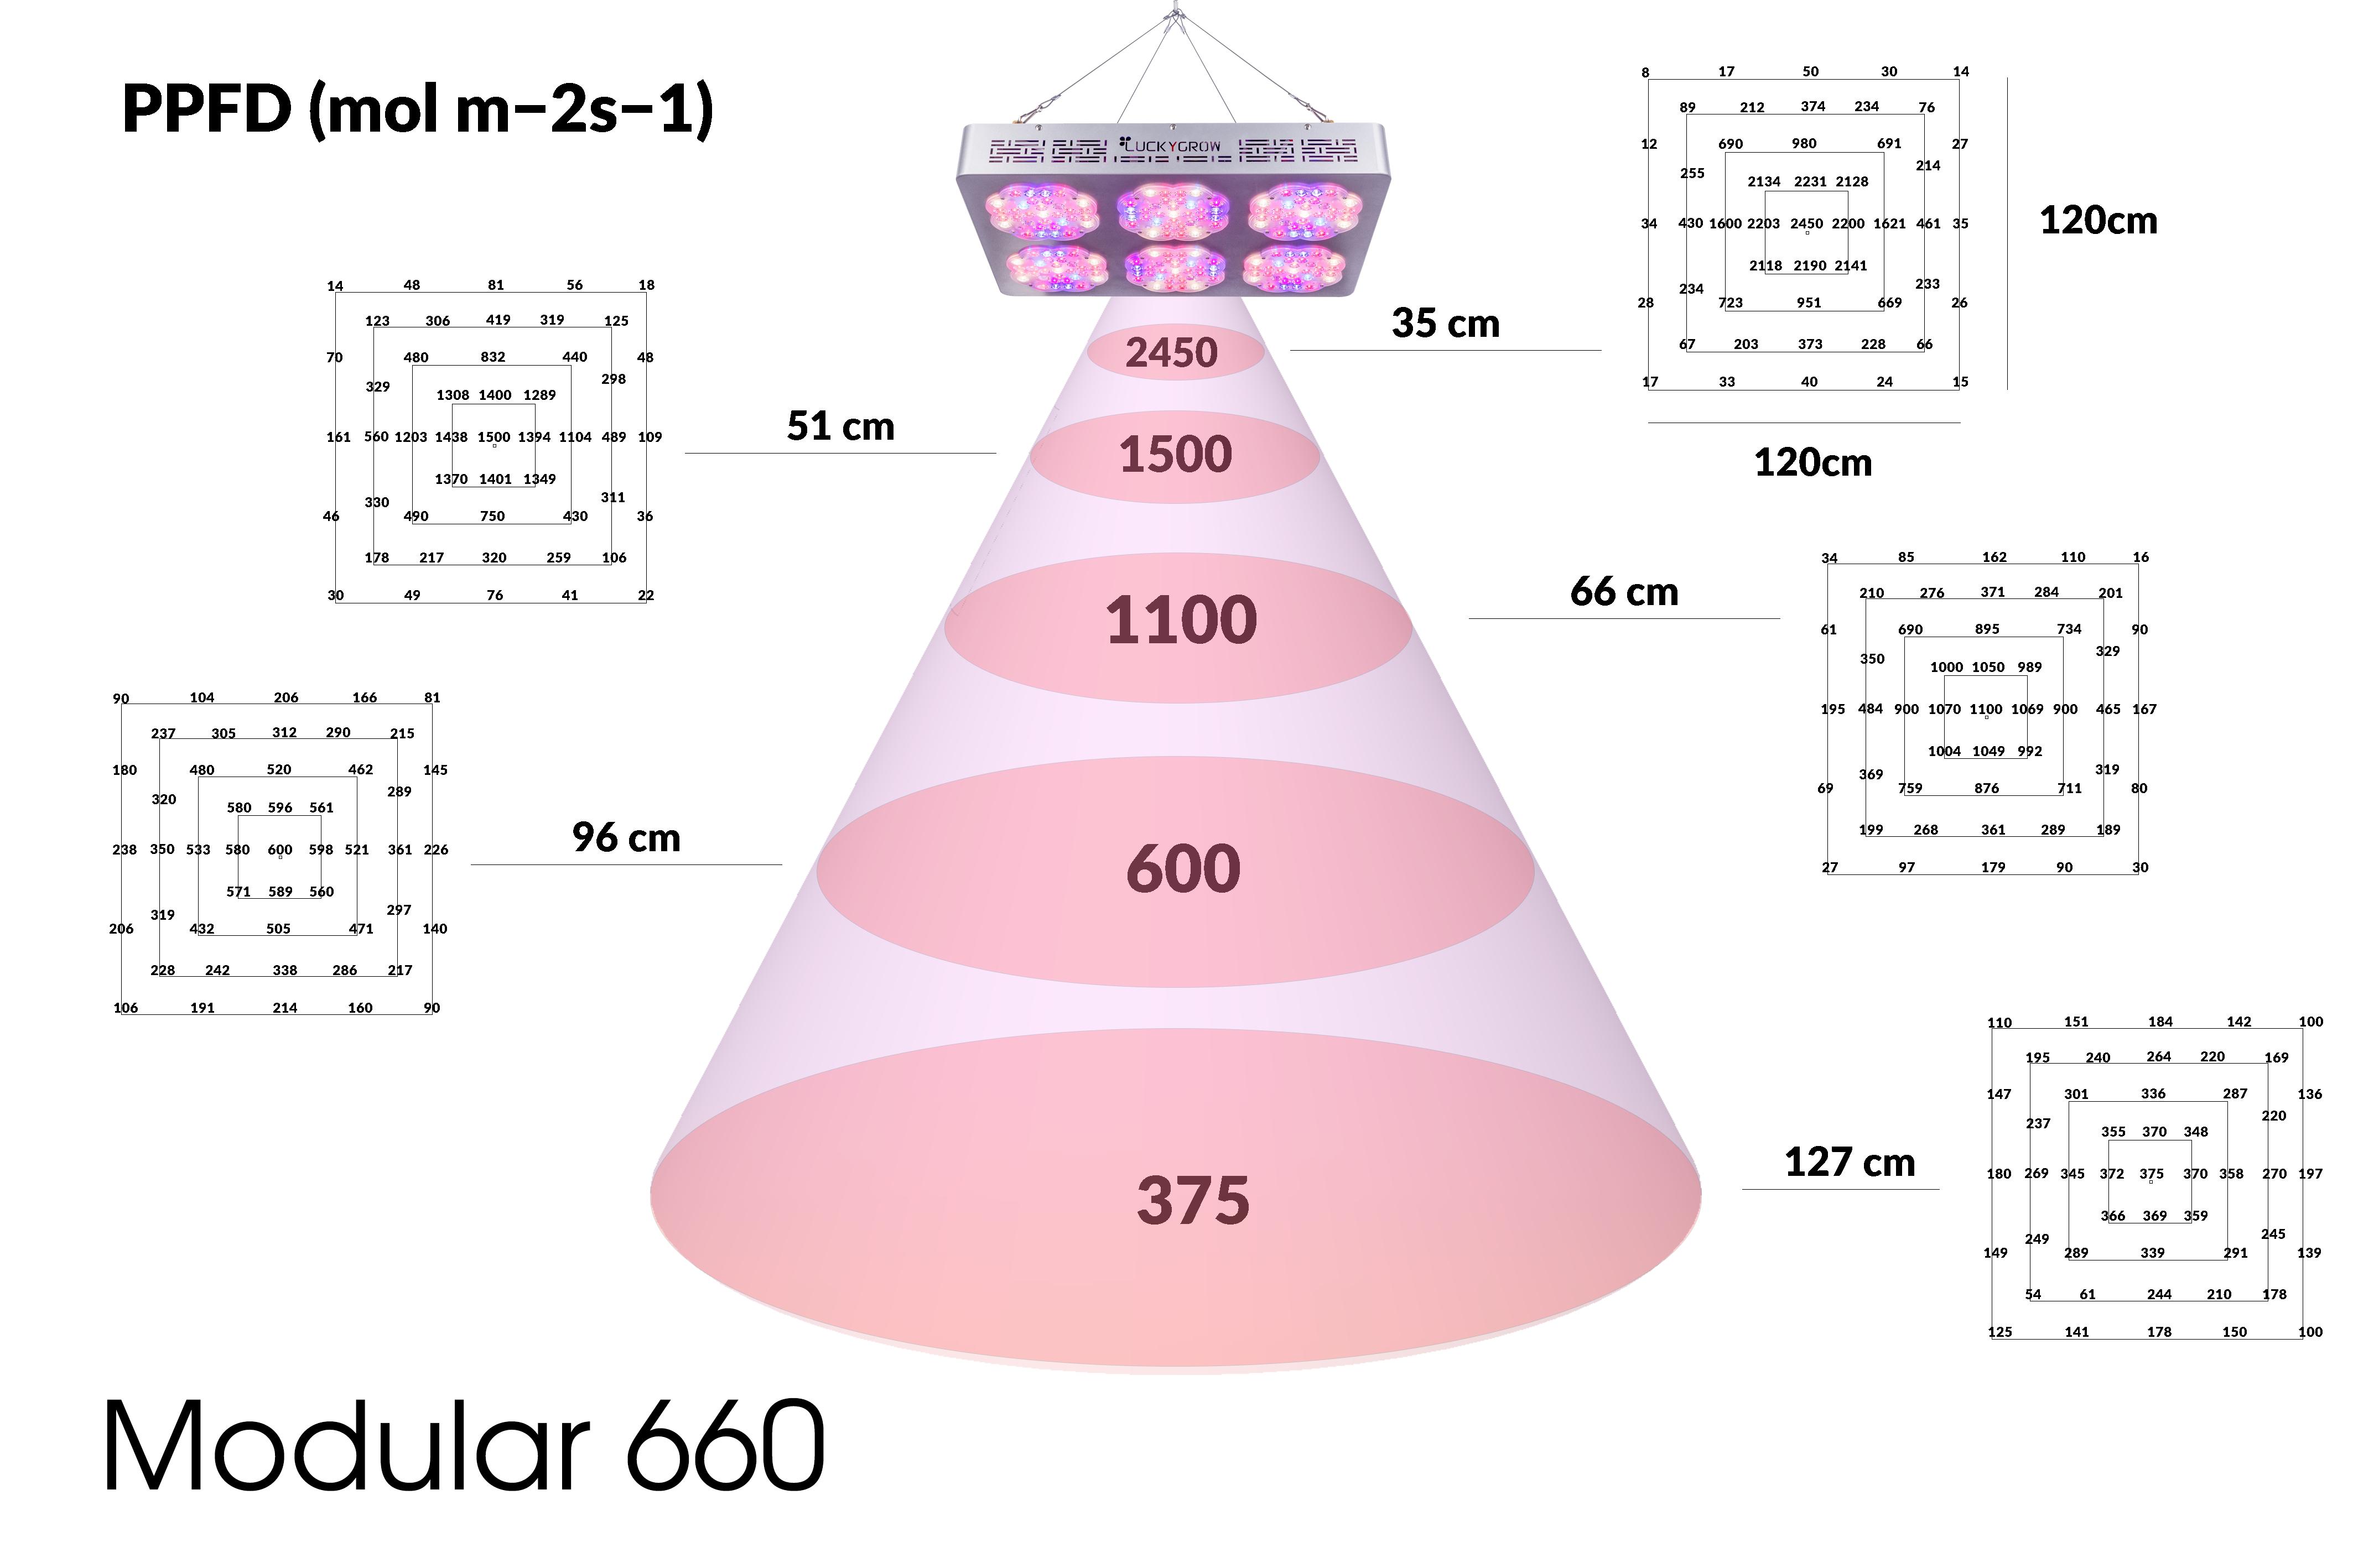 wynik par luckygrow modular600